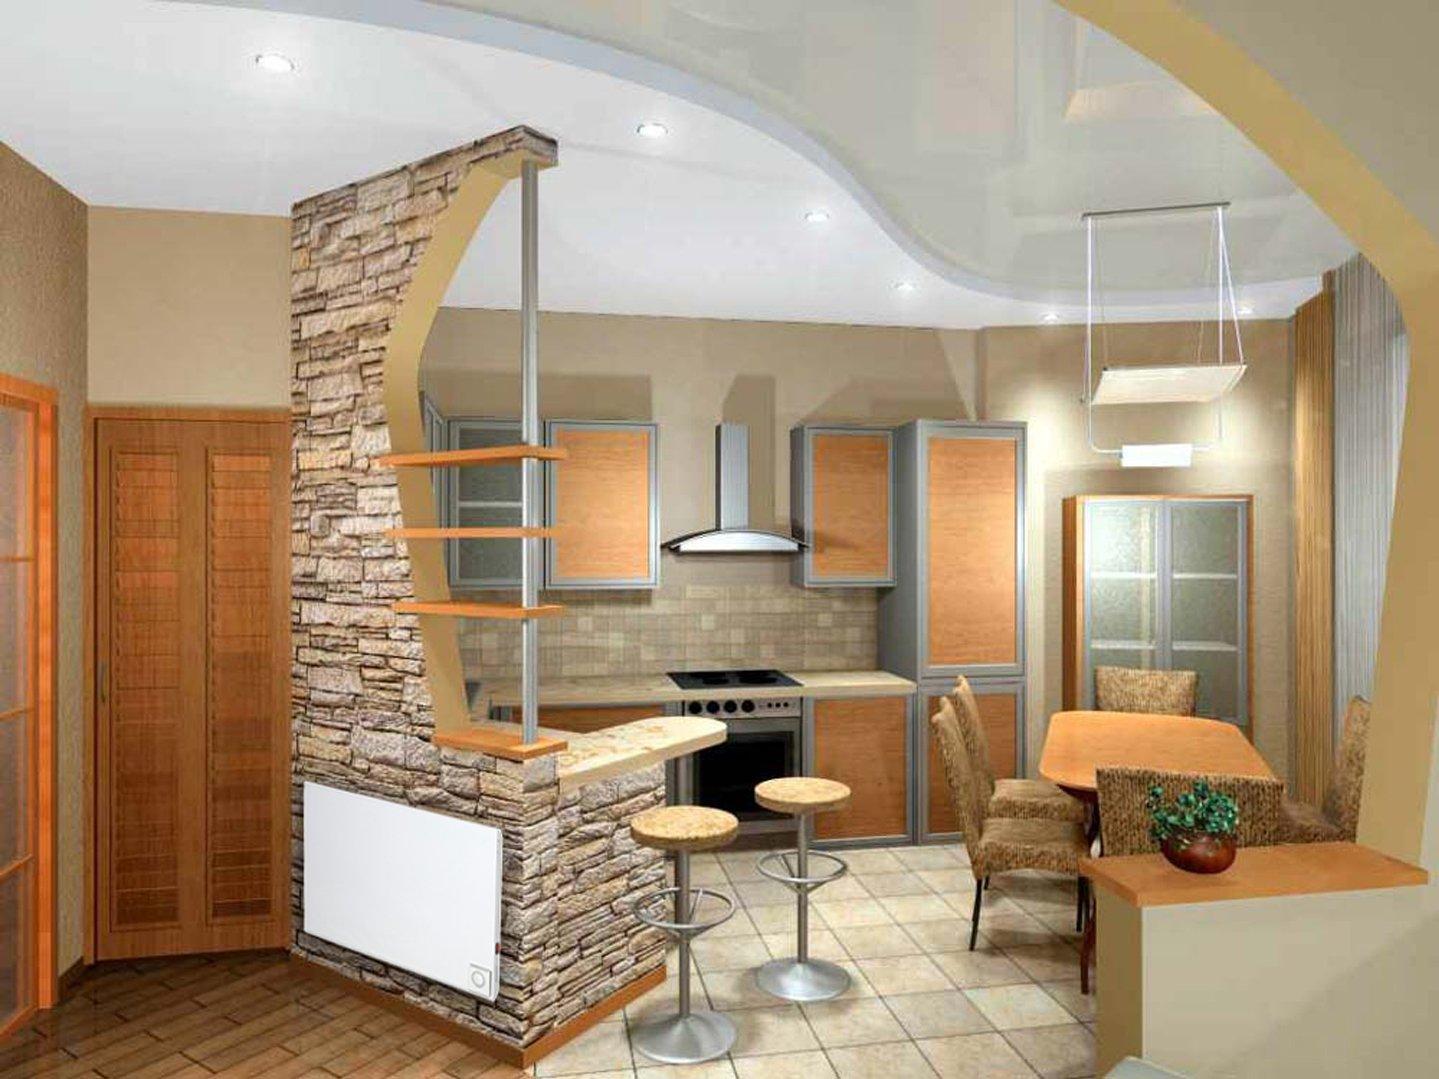 Как сделать переход от кухни в коридор фото